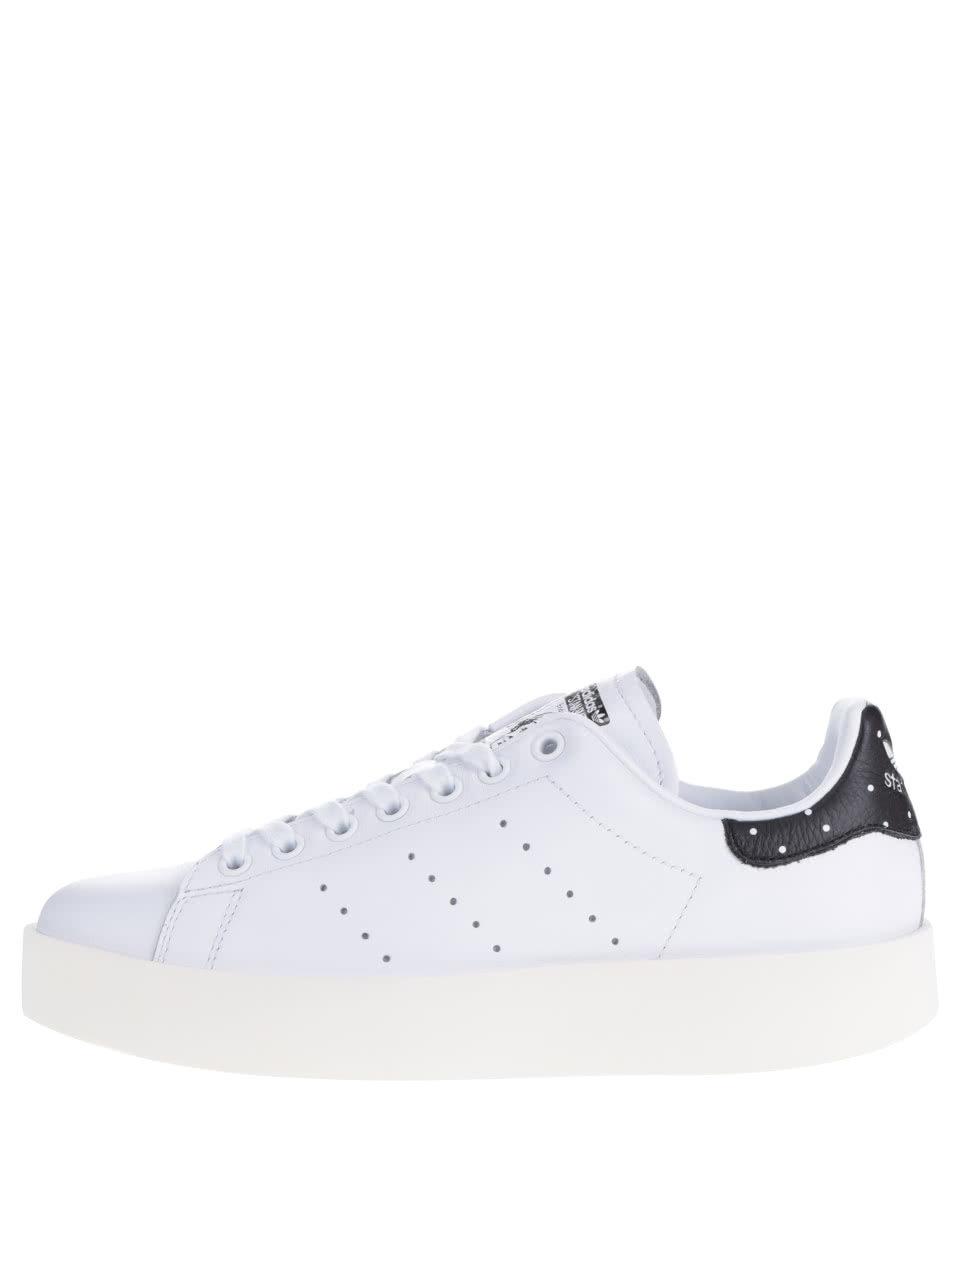 Biele dámske kožené tenisky na platforme adidas Originals Stan Smith ... 1ff05209223